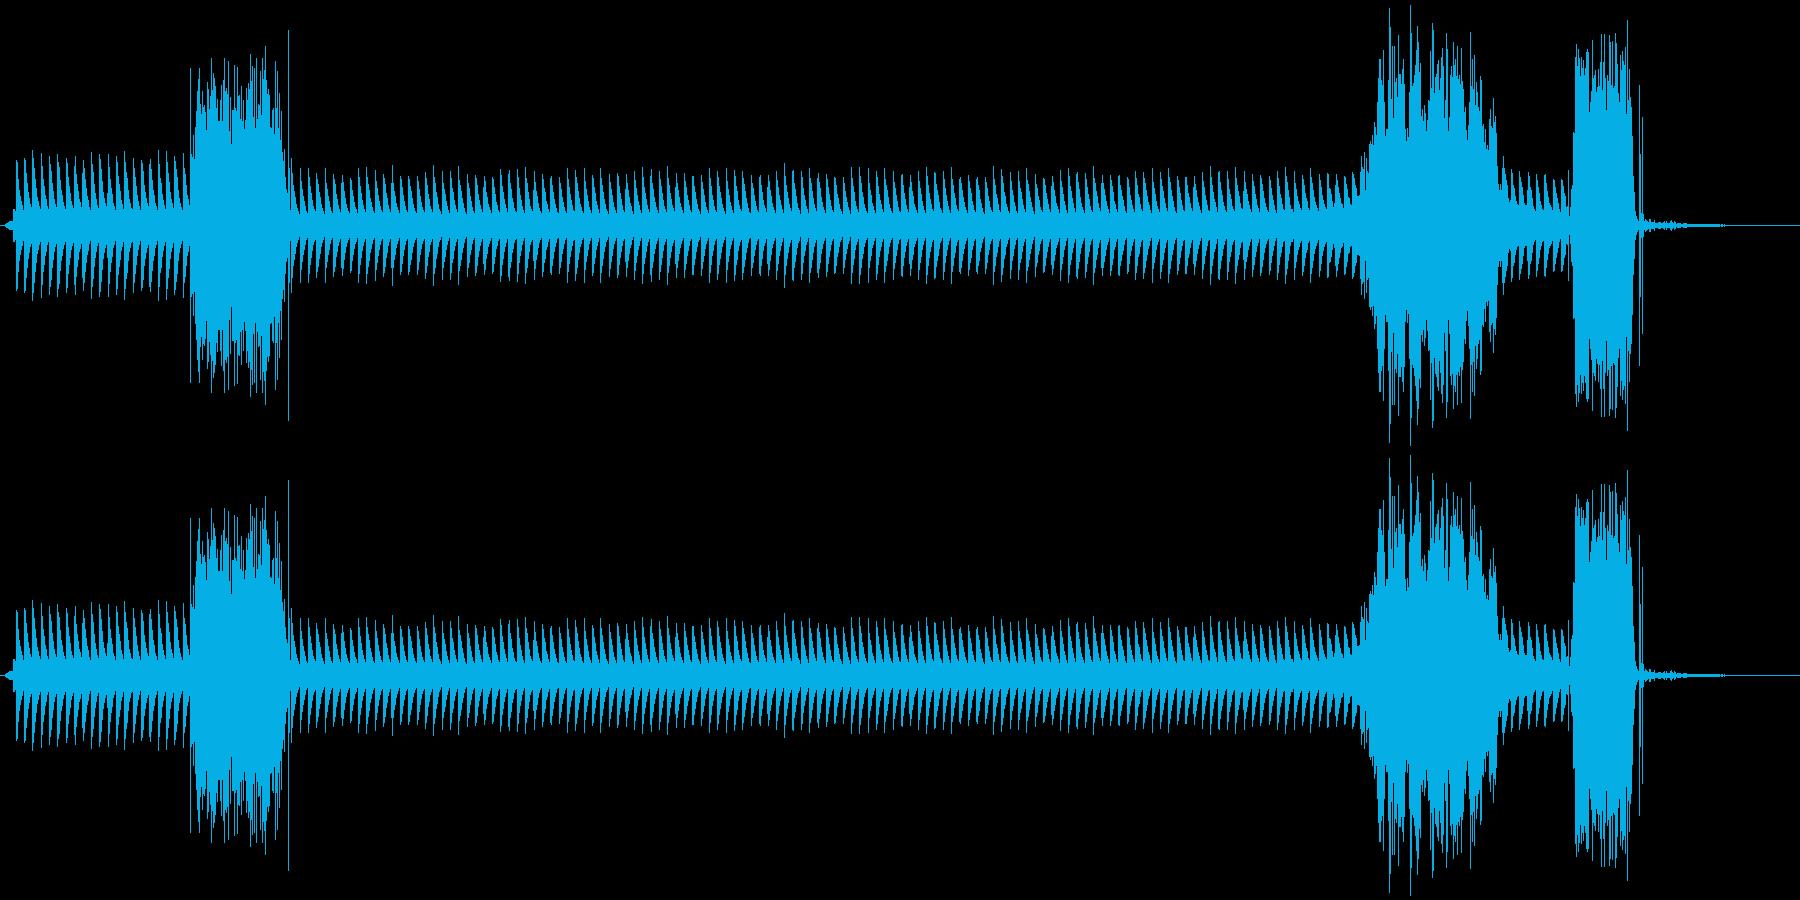 カンカンカンカン(踏切警報機)の再生済みの波形